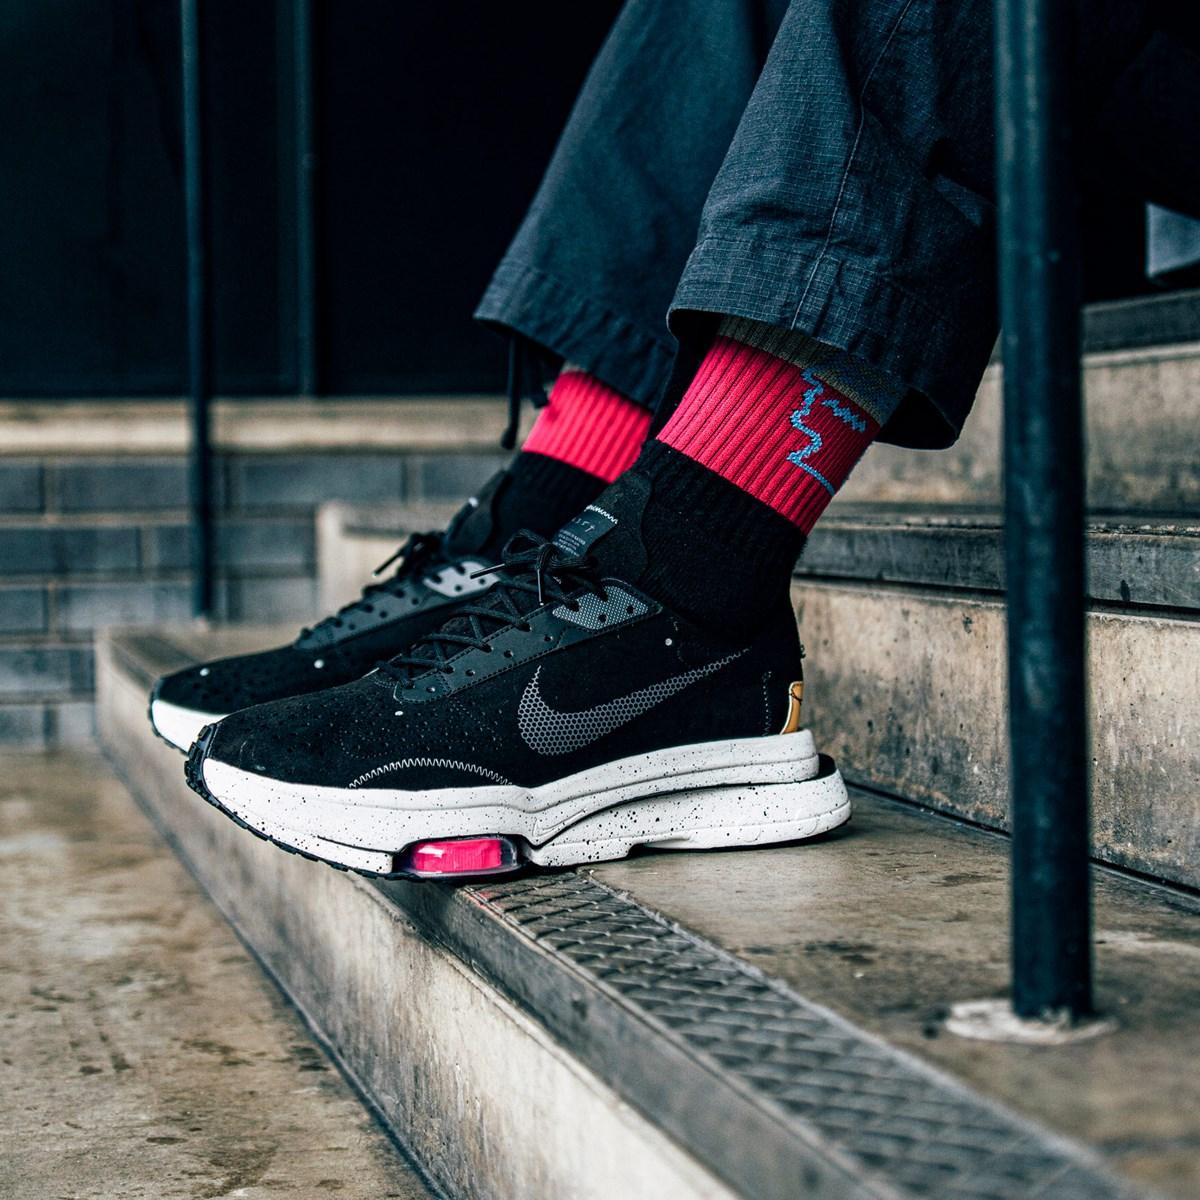 Nike Air Zoom Type - Cj2033-003 - SNS | sneakers & streetwear en ligne depuis 1999